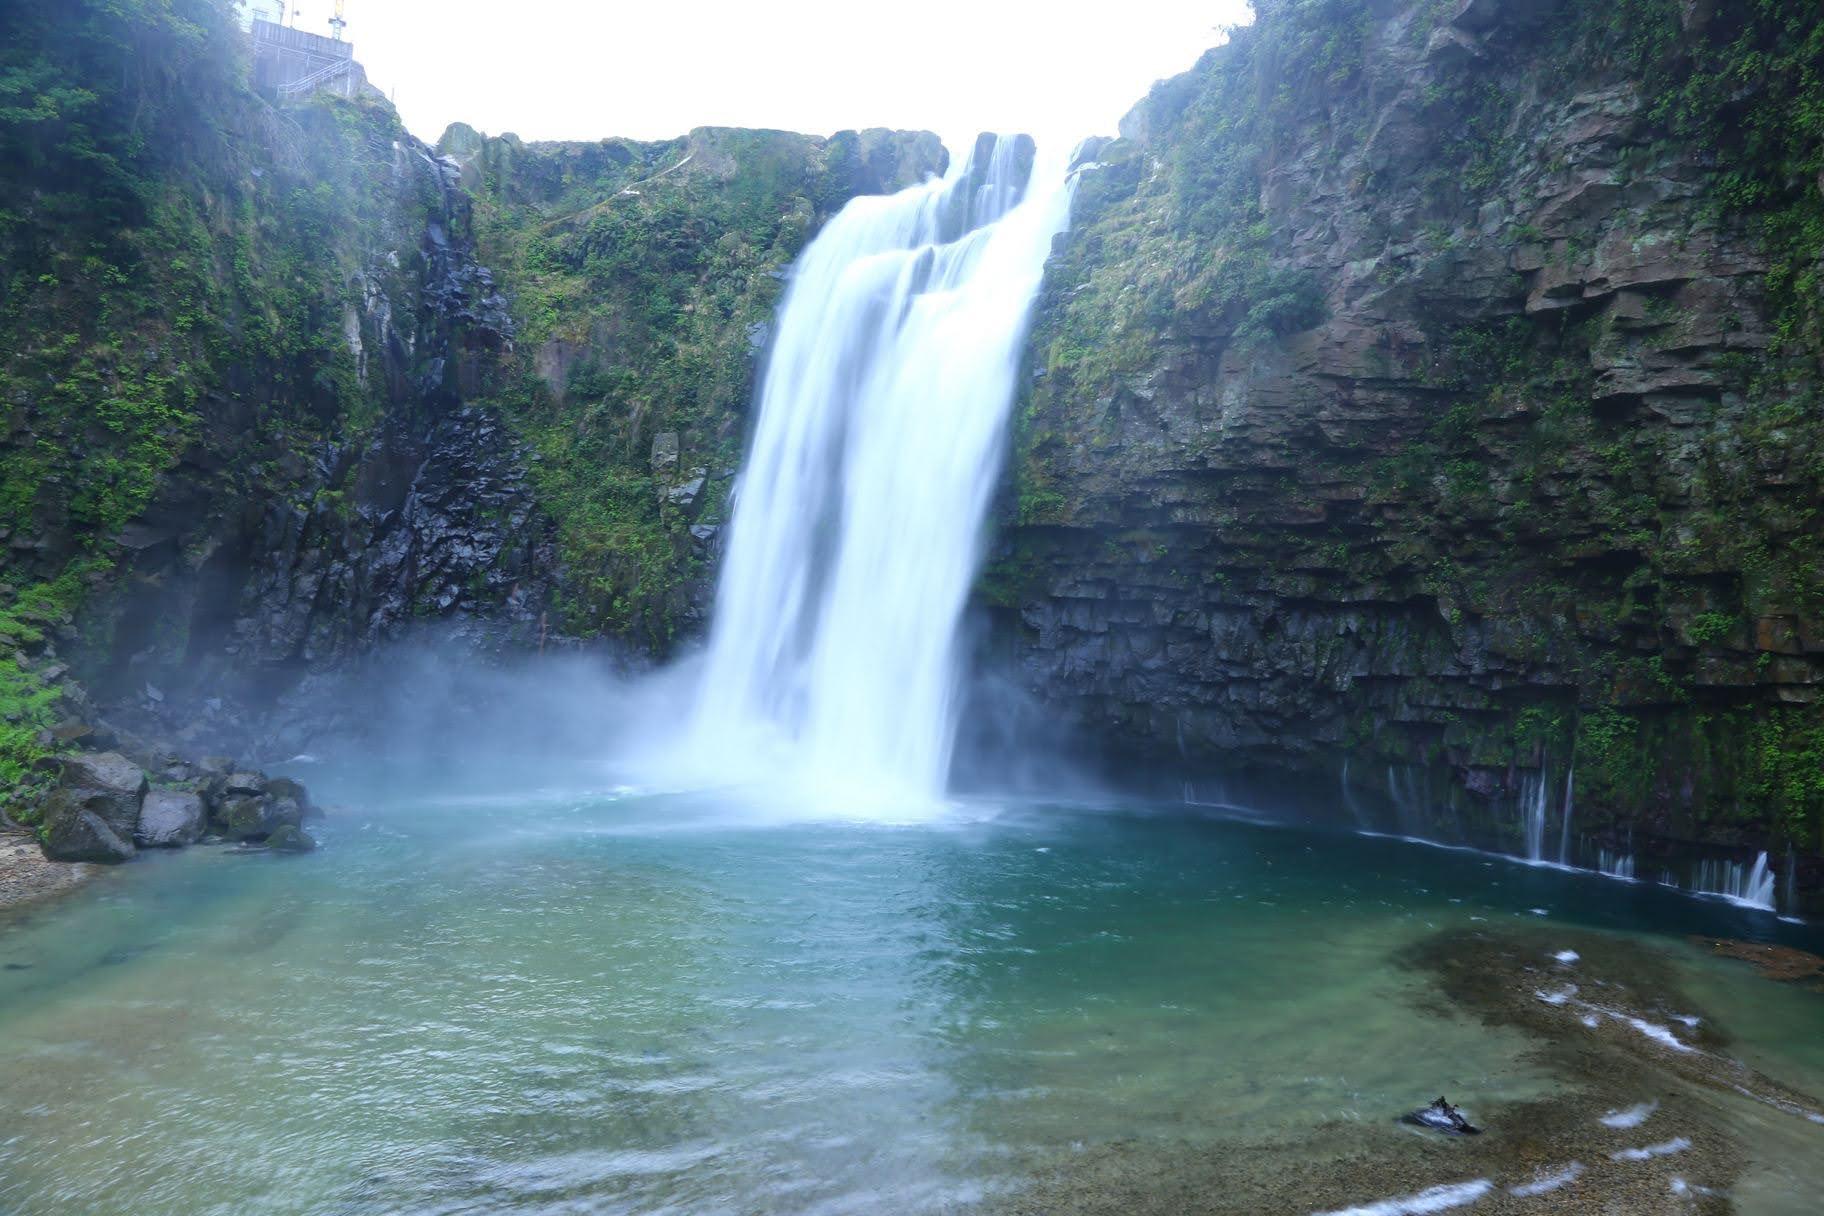 雄川の滝 南大隅町 鹿児島 絶景 景色 自然 九州 旅行 観光 おすすめ